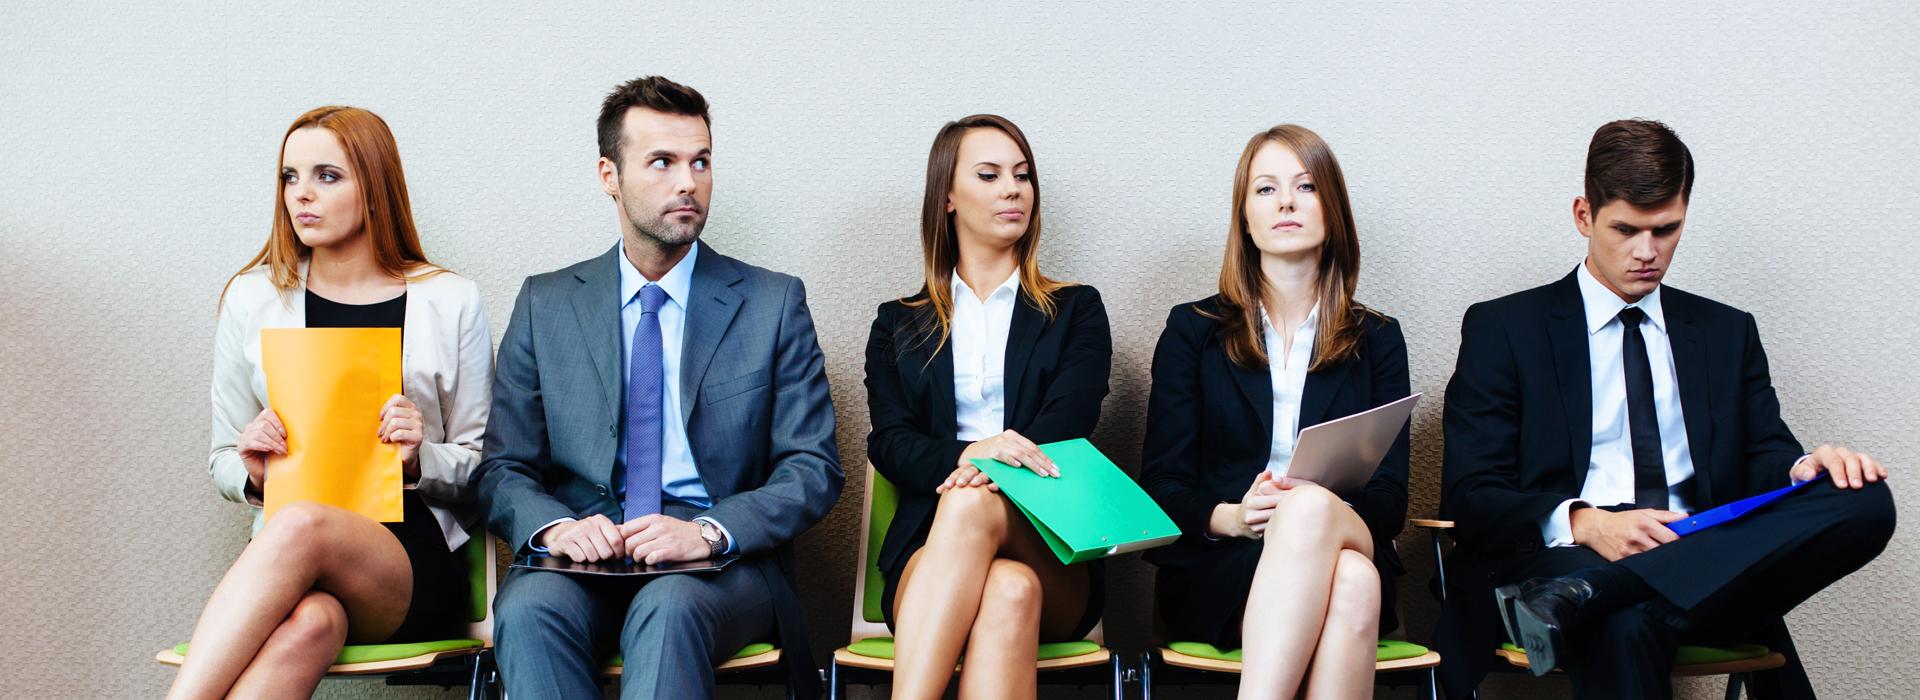 社群時代投履歷 你可以直接敲面試官的門